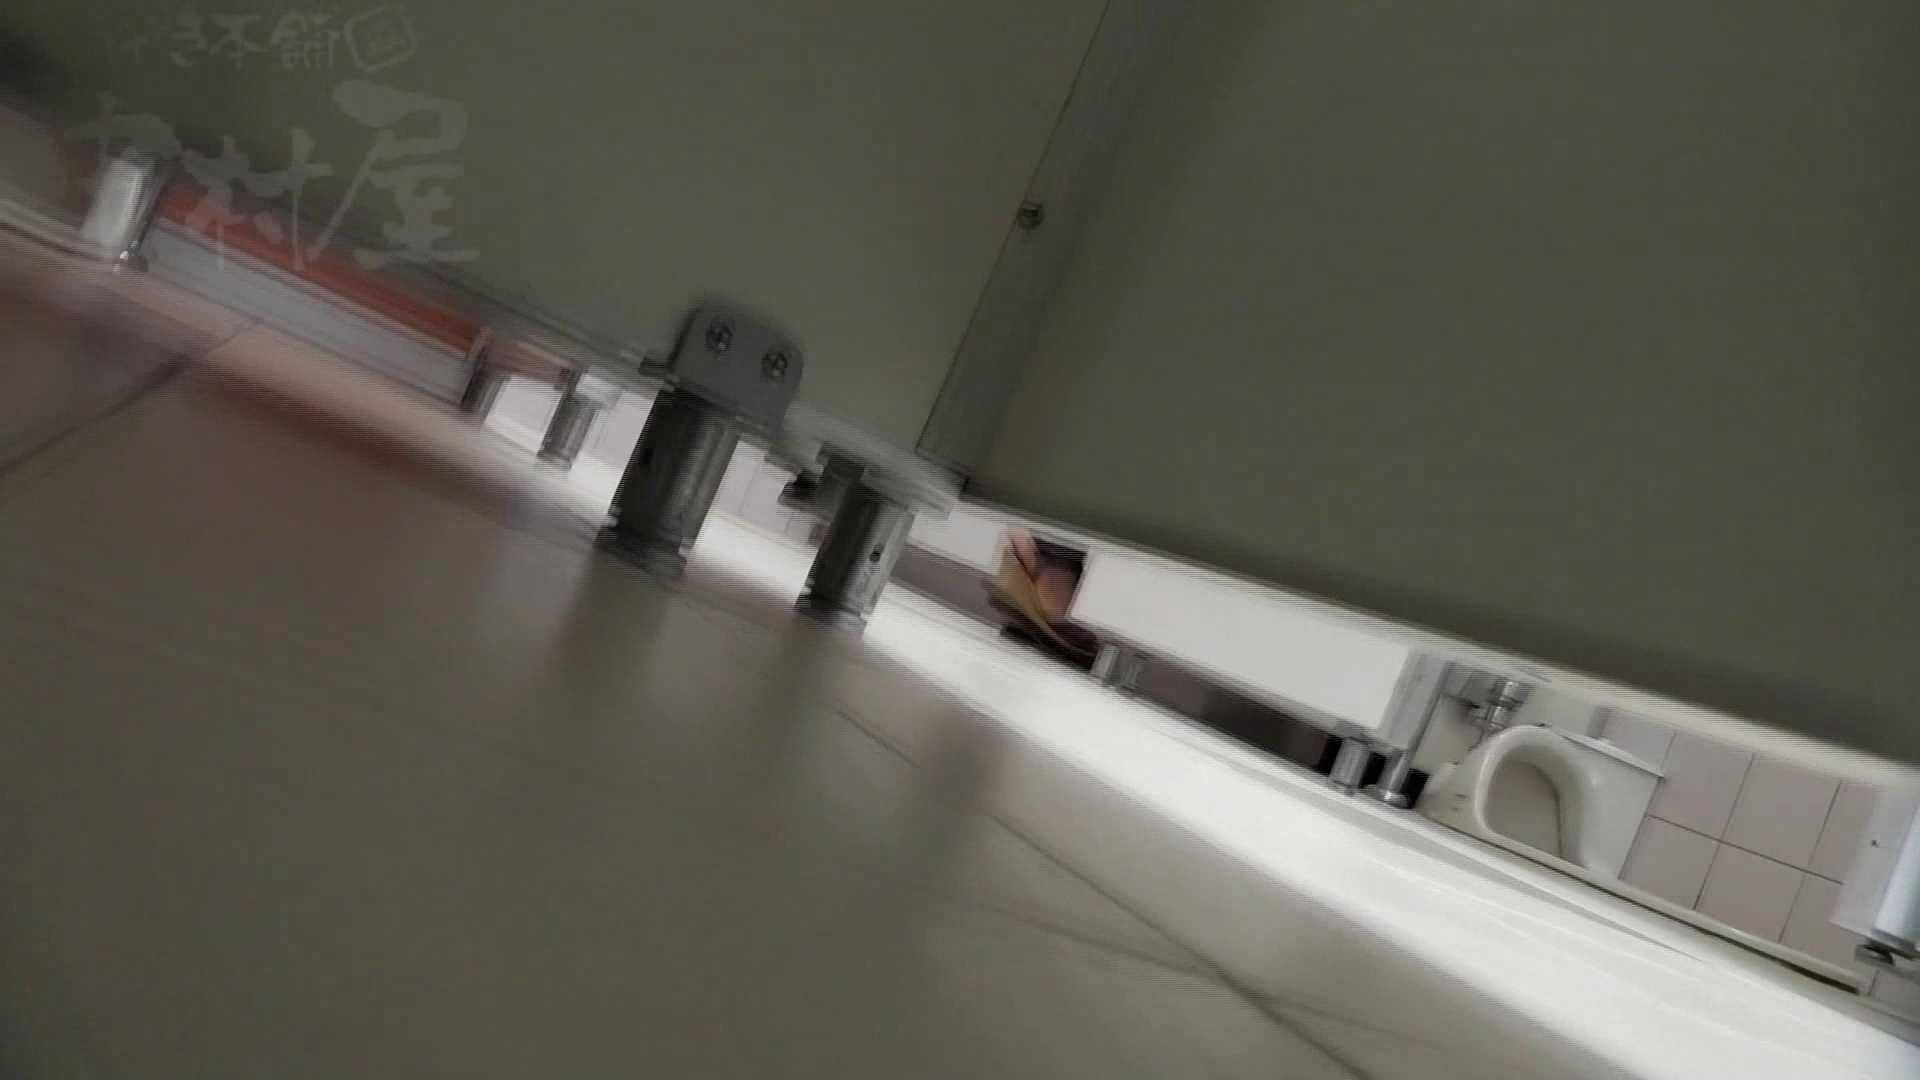 美しい日本の未来 No.29 豹柄サンダルはイ更●気味??? 排泄 性交動画流出 111連発 52